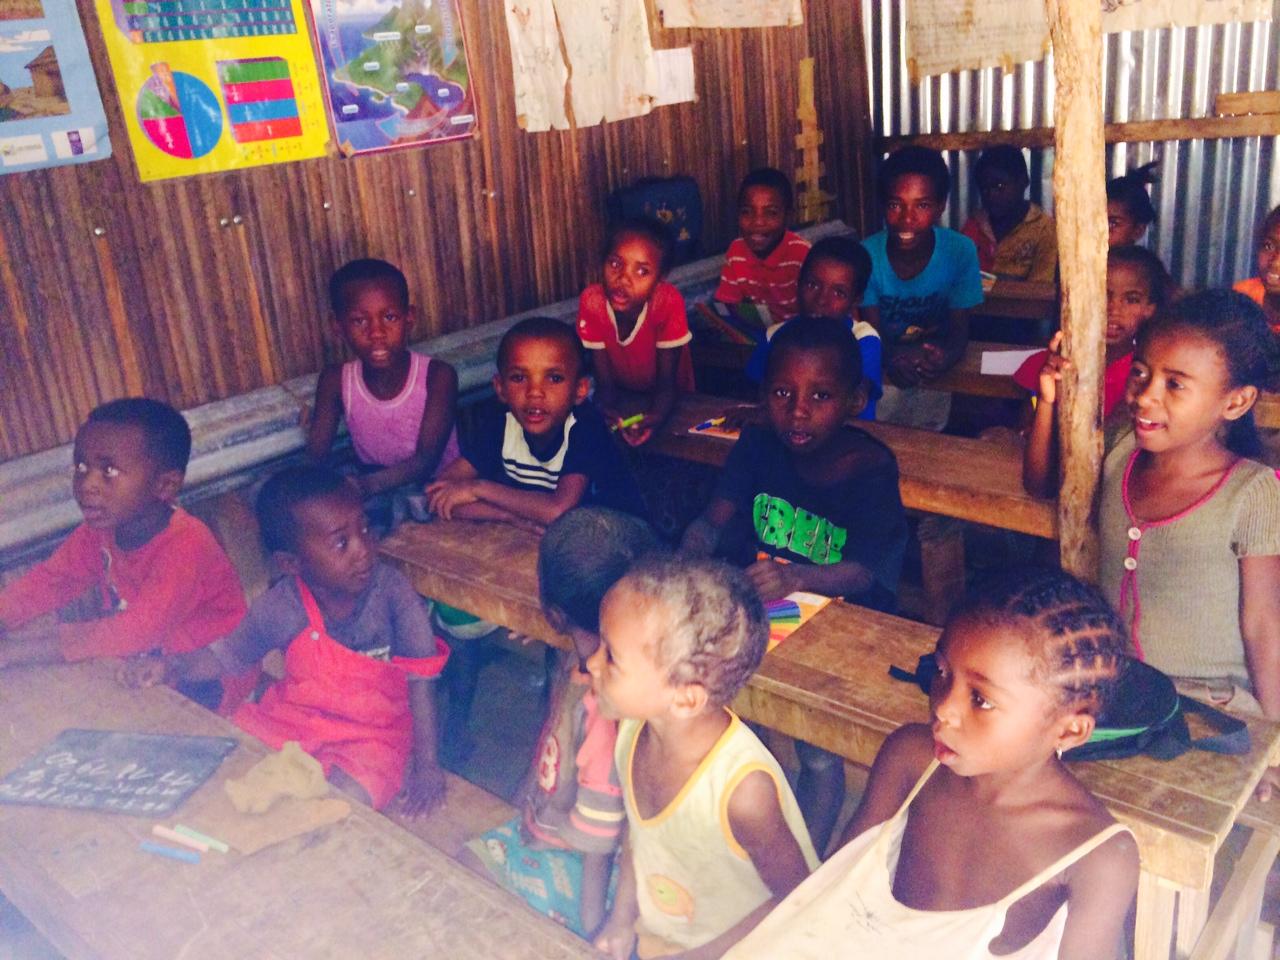 Iskolás gyerekek Maventibaóban (Fotó: Szabó Nóra)